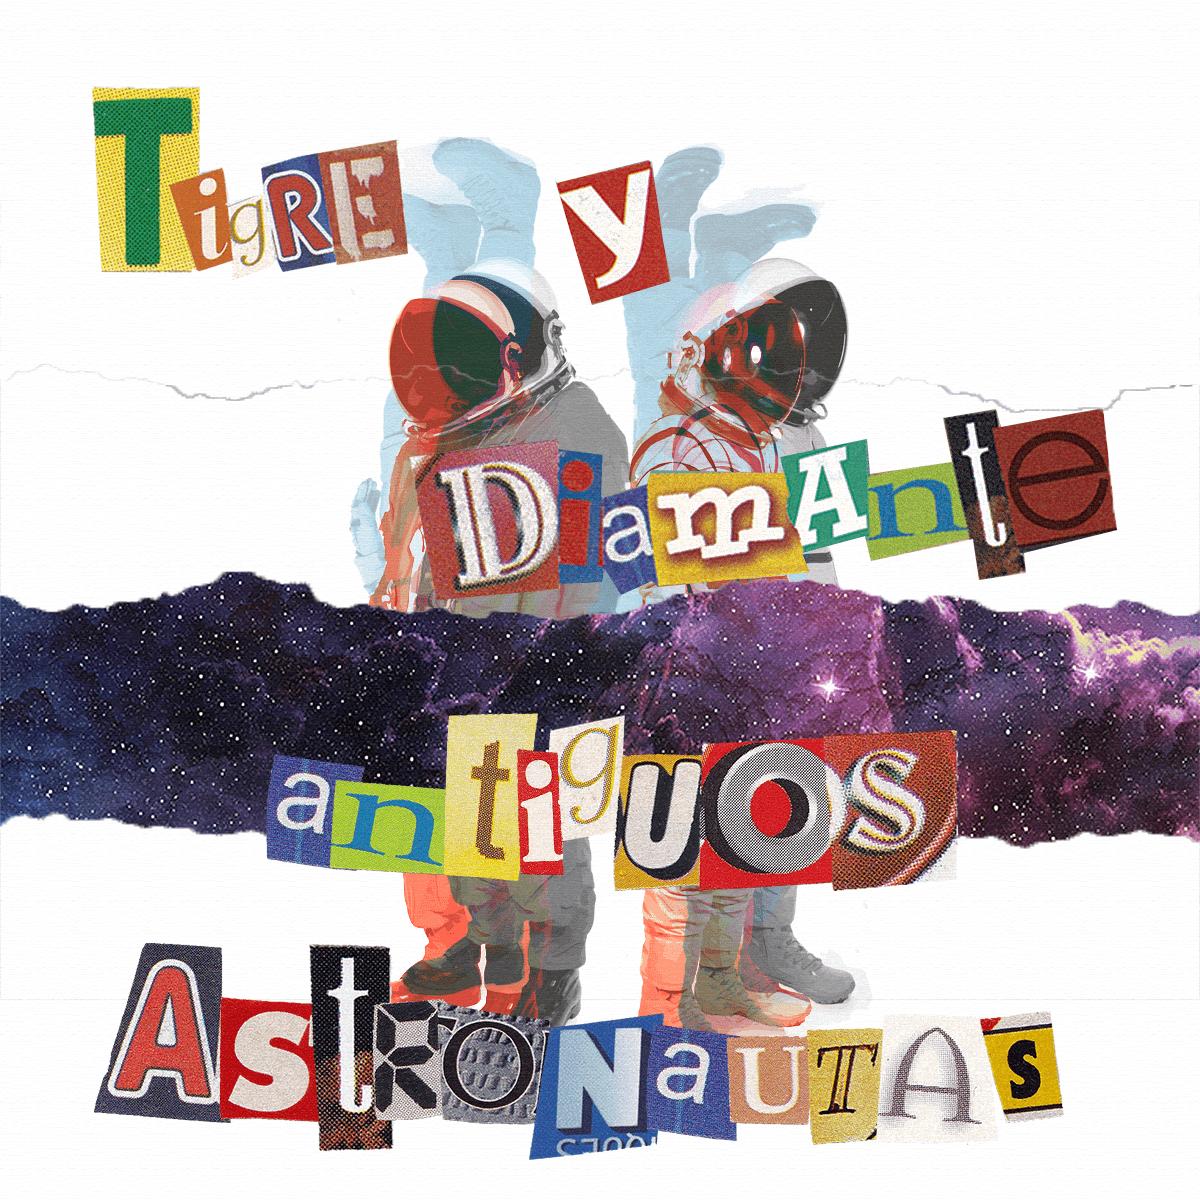 Tigre y Diamante - Antiguos astronautas